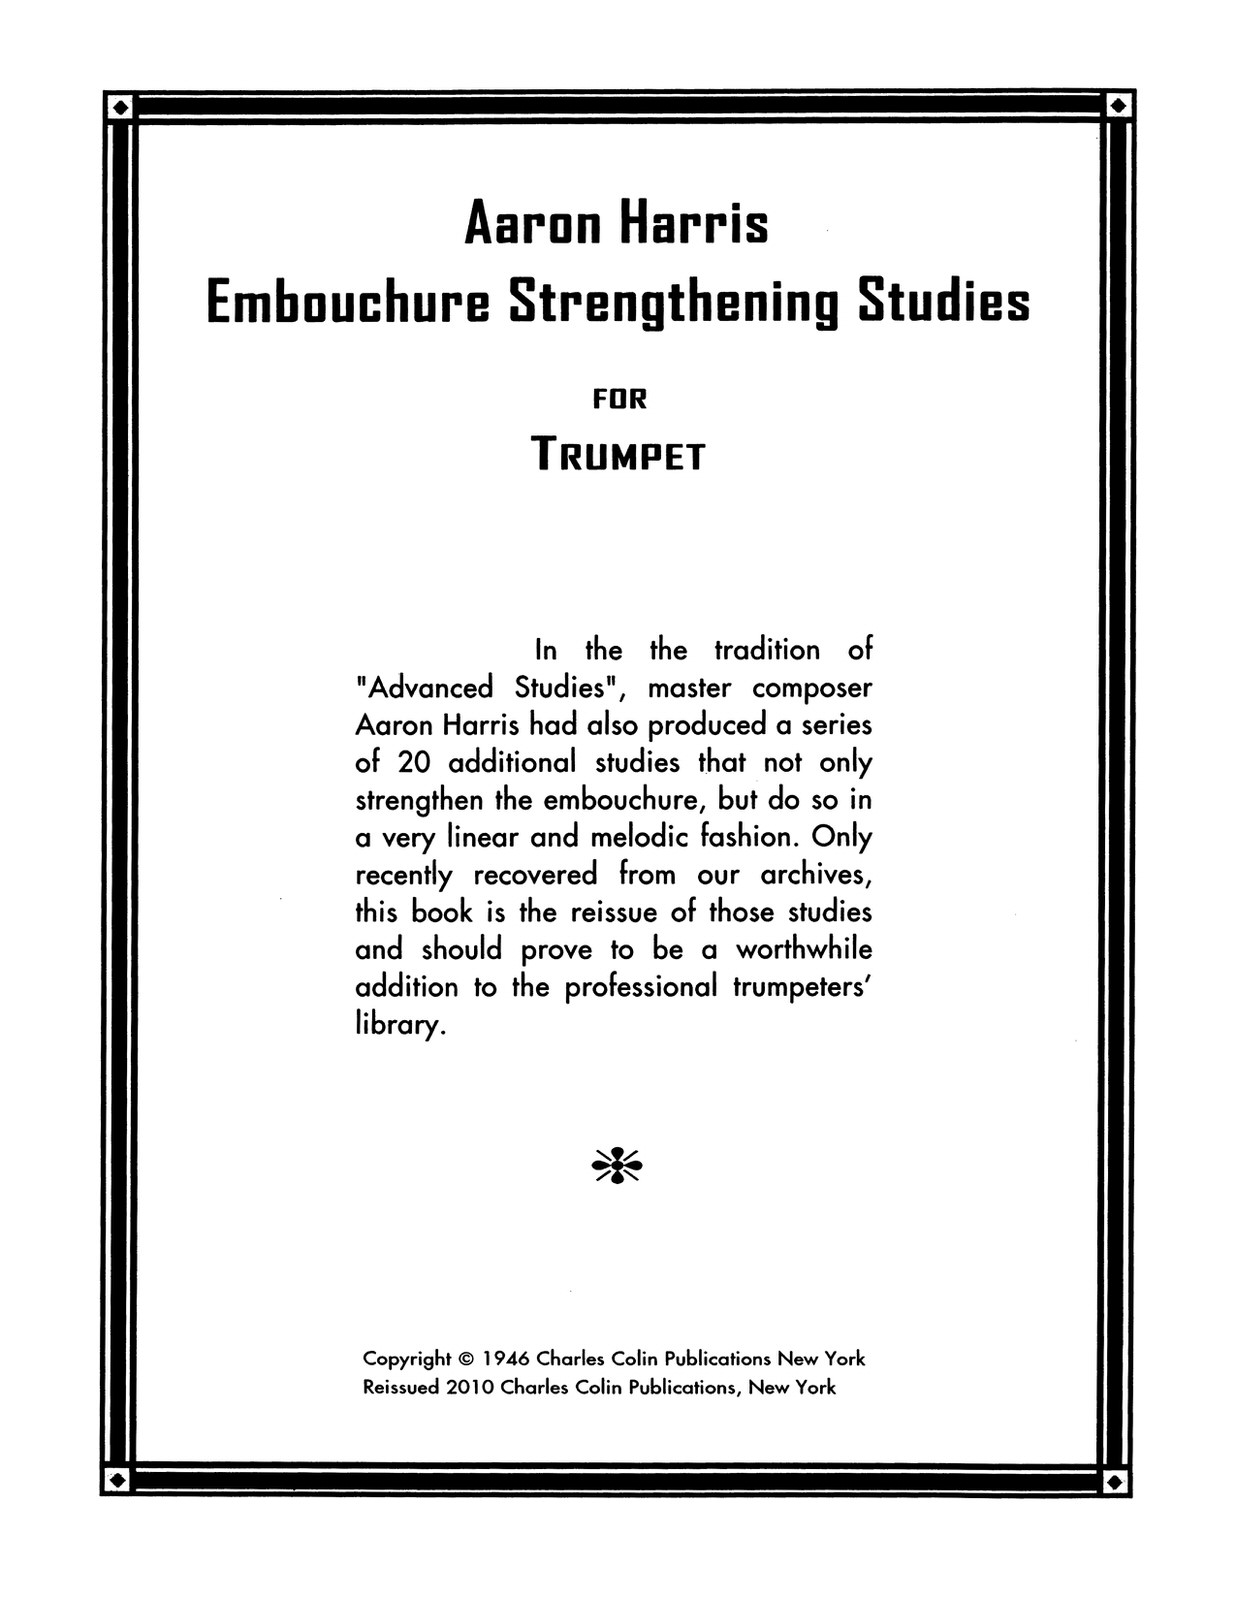 Harris, Embouchure Strengthening Studies copy-p03